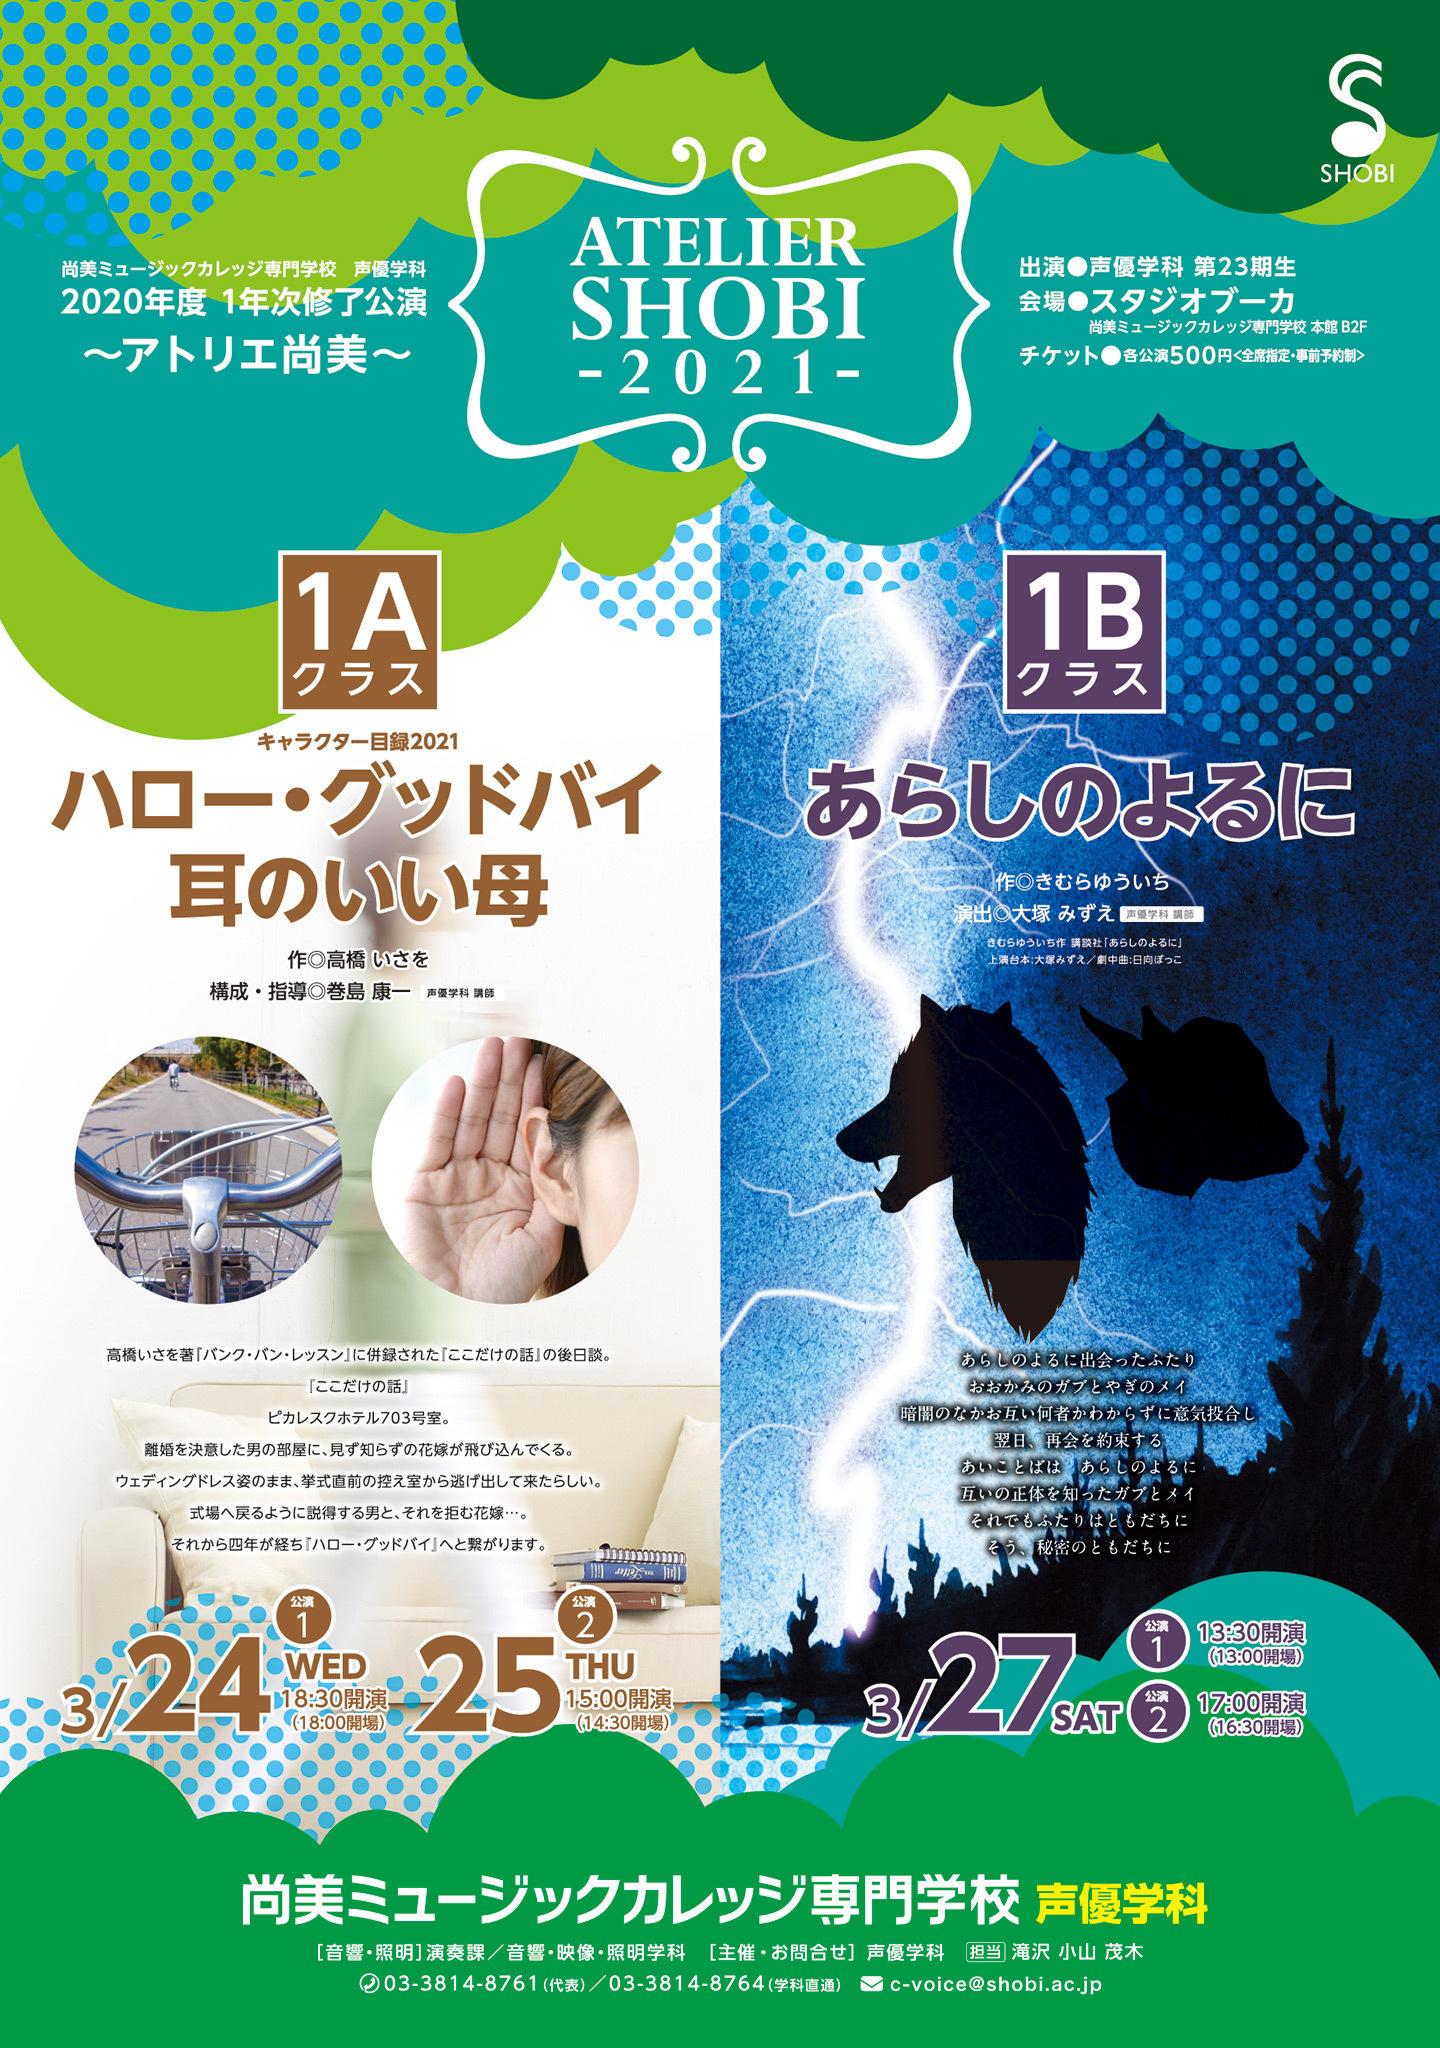 【3月24日・25日・27日】声優学科第23期生による1年次修了公演「ATELIER SHOBI 2021」